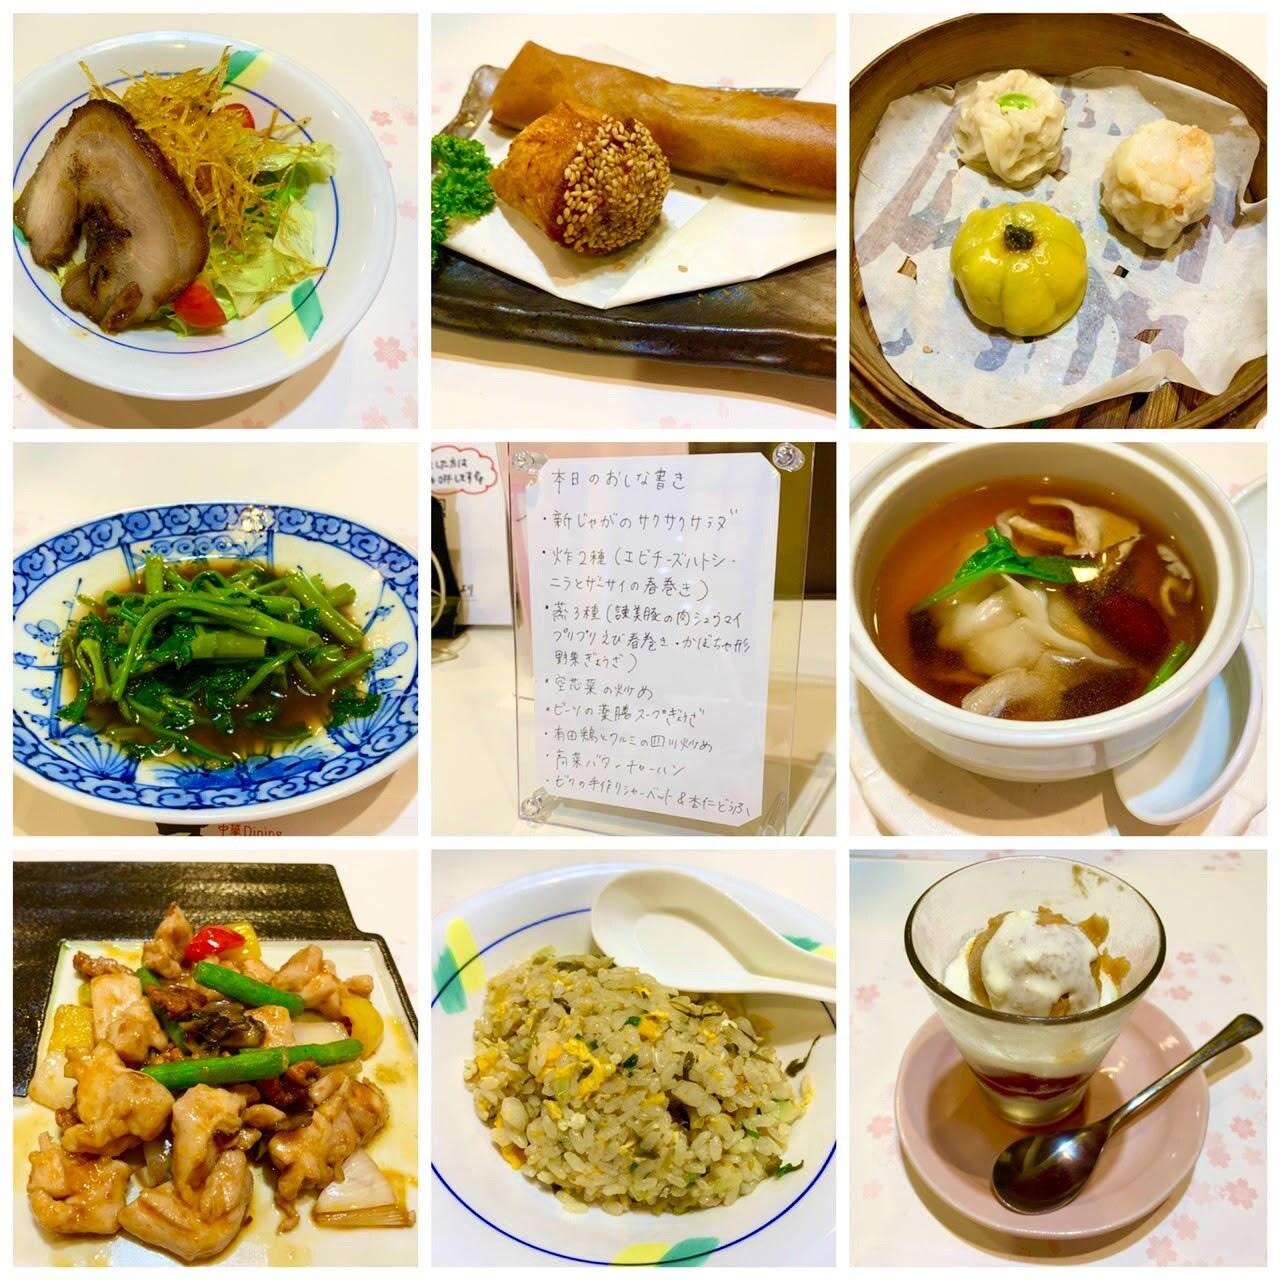 杏てい ランチコース料理 ¥2,000(税別)|お得なウェブチケット|ポイント付き【現地払いのみ対応】長崎諫早 中華料理のイメージその1